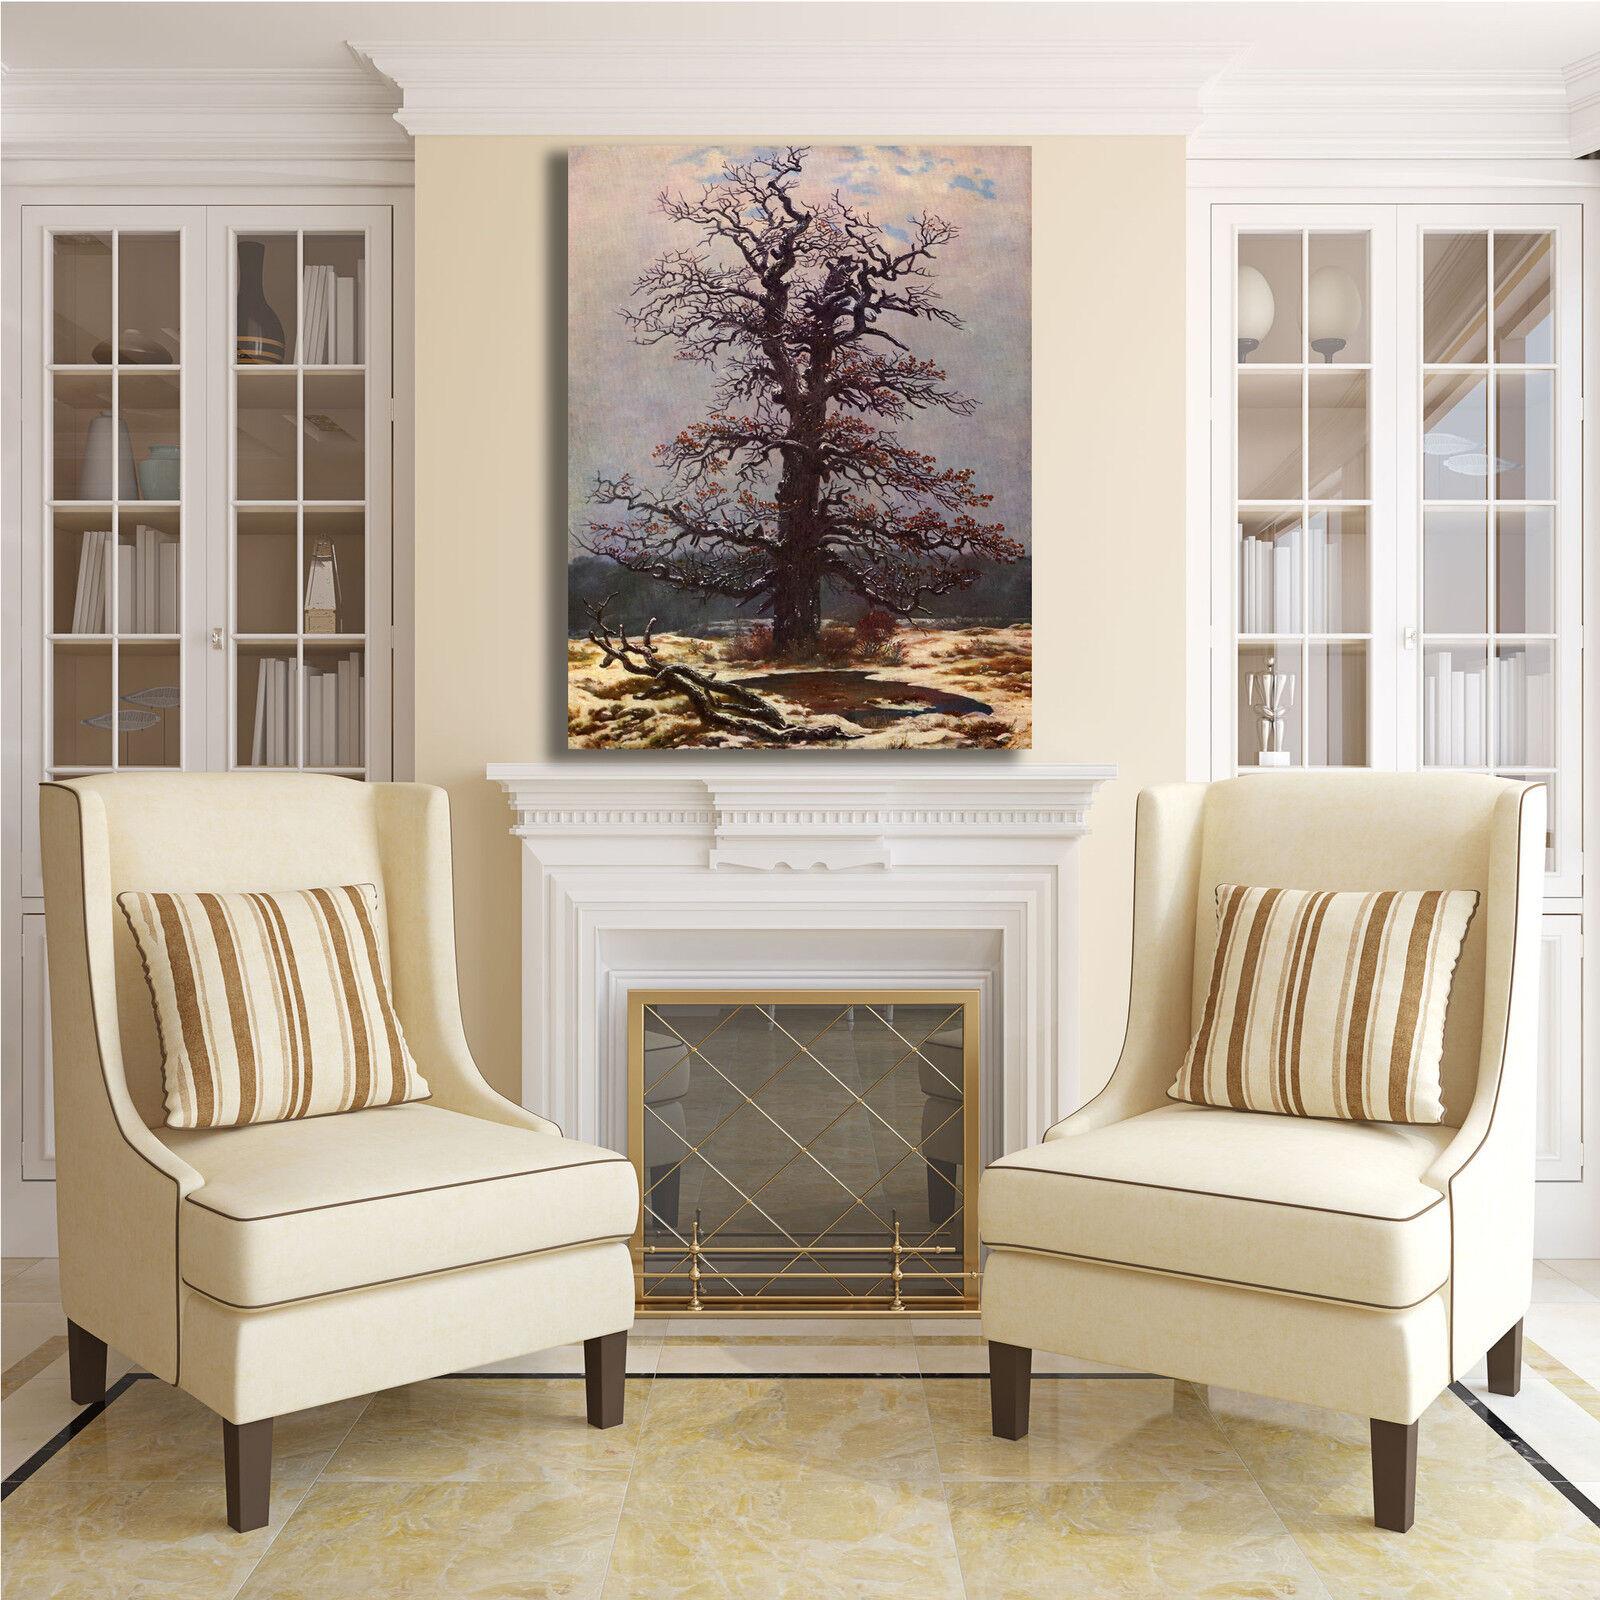 Caspar quercia nella neve design quadro stampa tela dipinto telaio o arRouge o telaio casa 364ecb